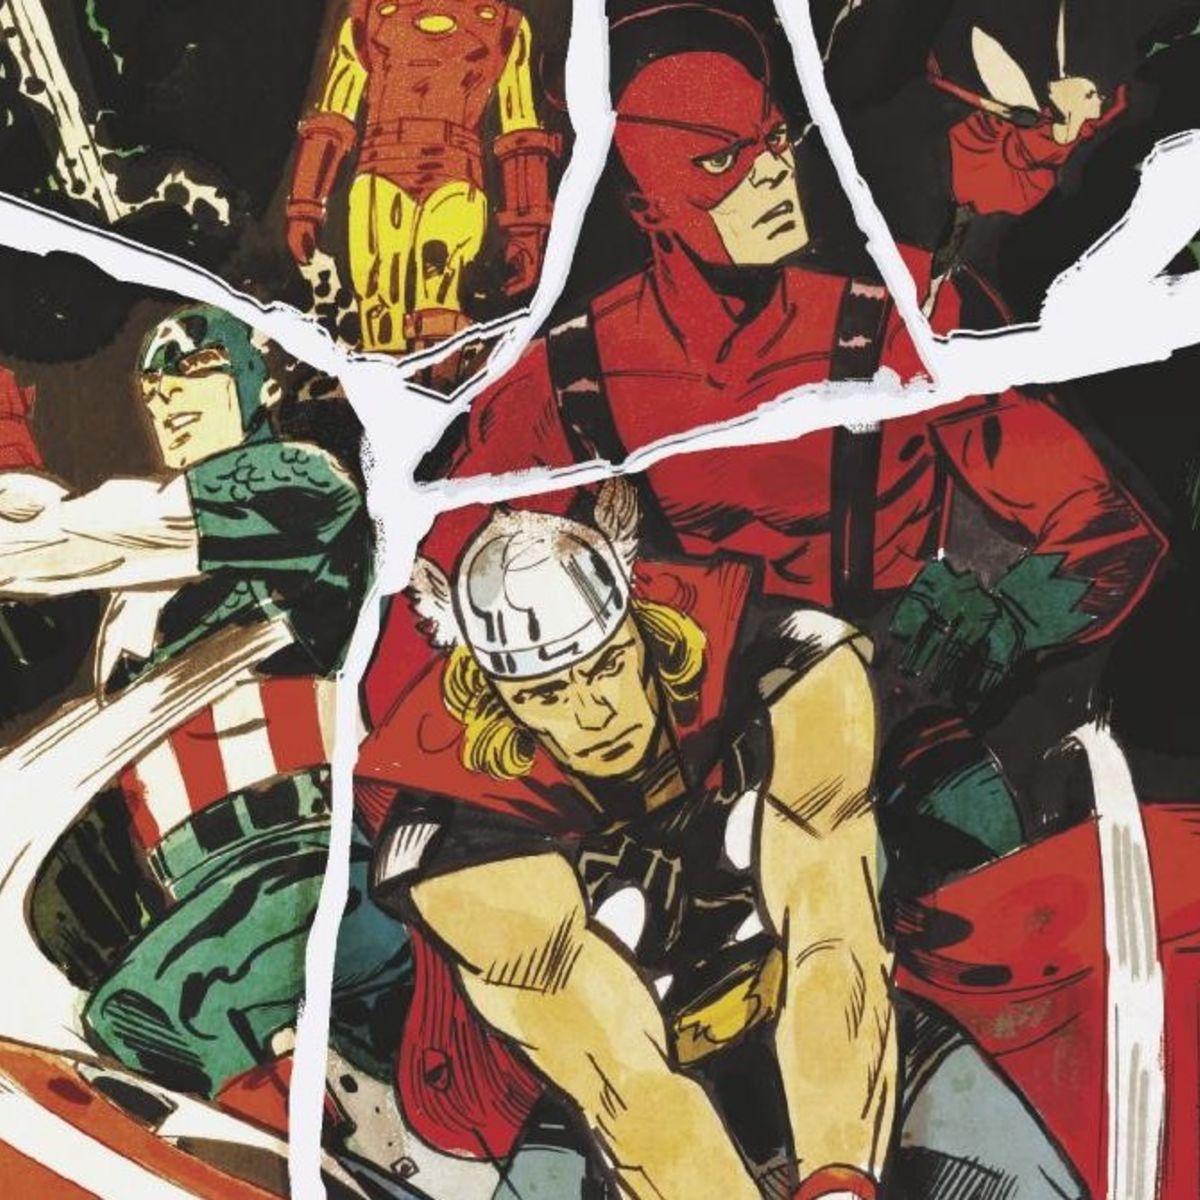 Avengers_1.1_Maleev_Variant_0.jpg